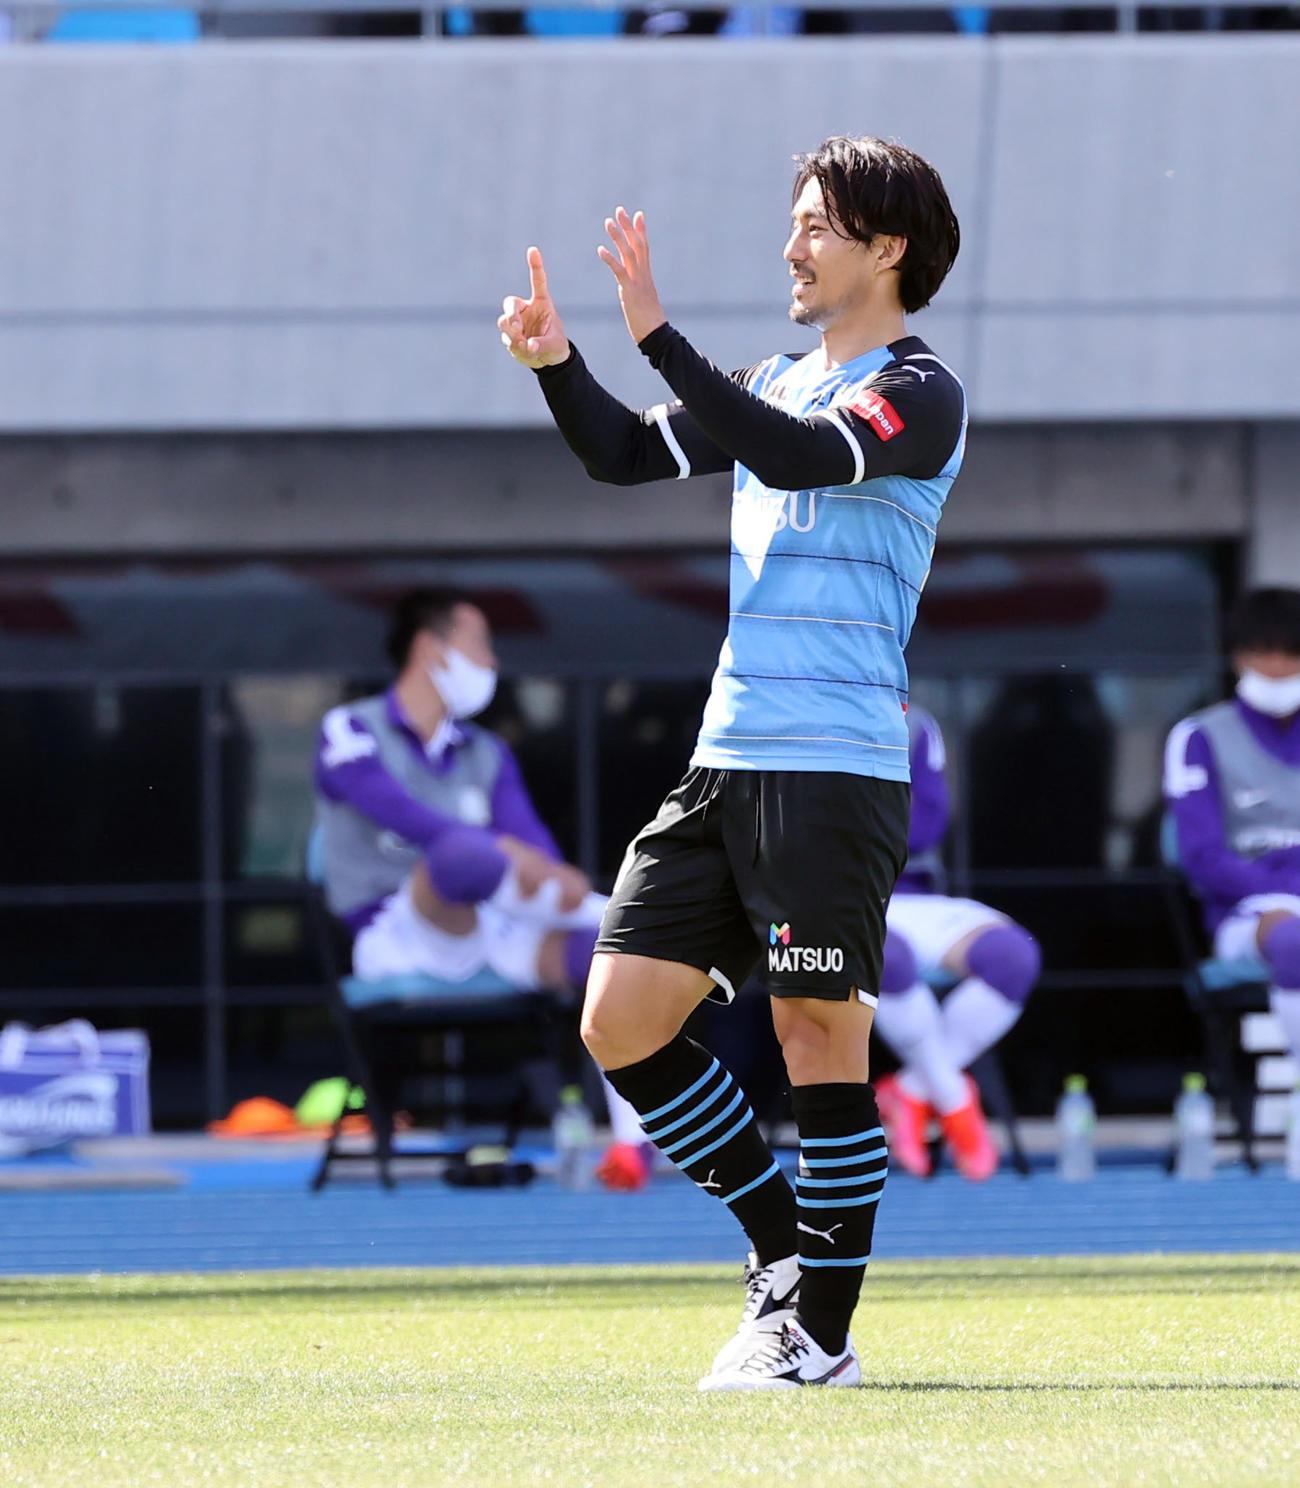 川崎F対広島 前半、左足で先制のゴールを決めポーズを決める川崎F家長(撮影・垰建太)